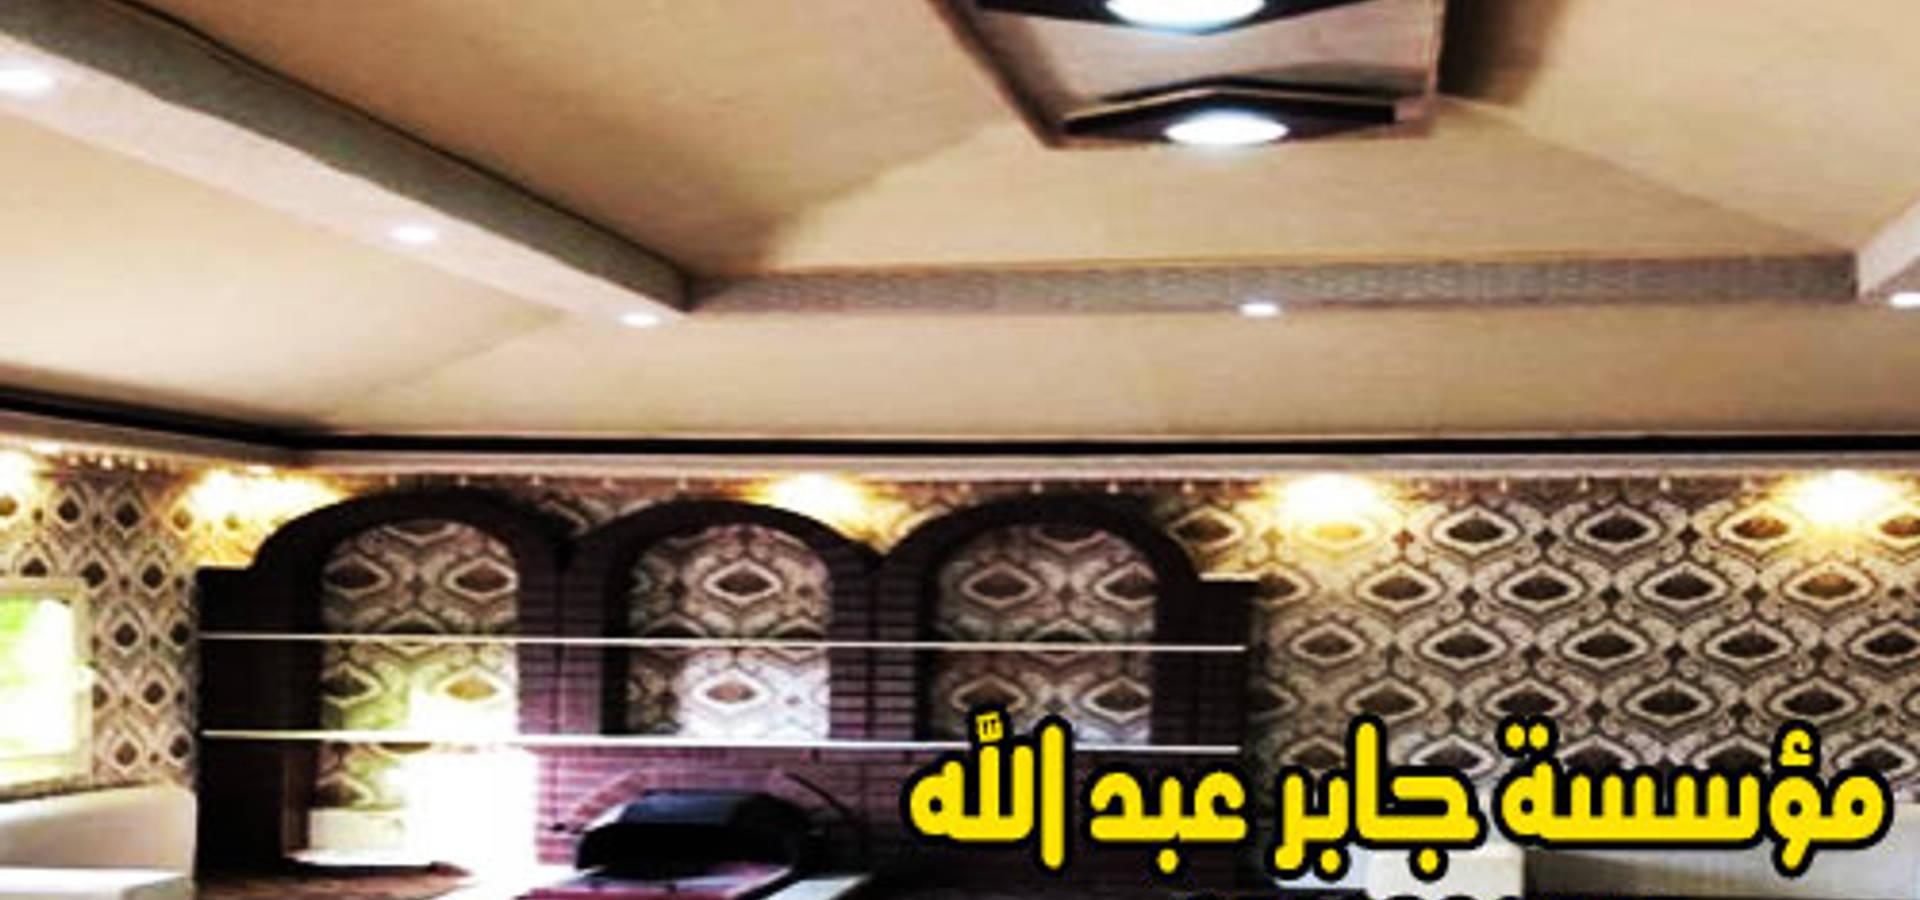 هناجر ومستودعات جابر عبد الله